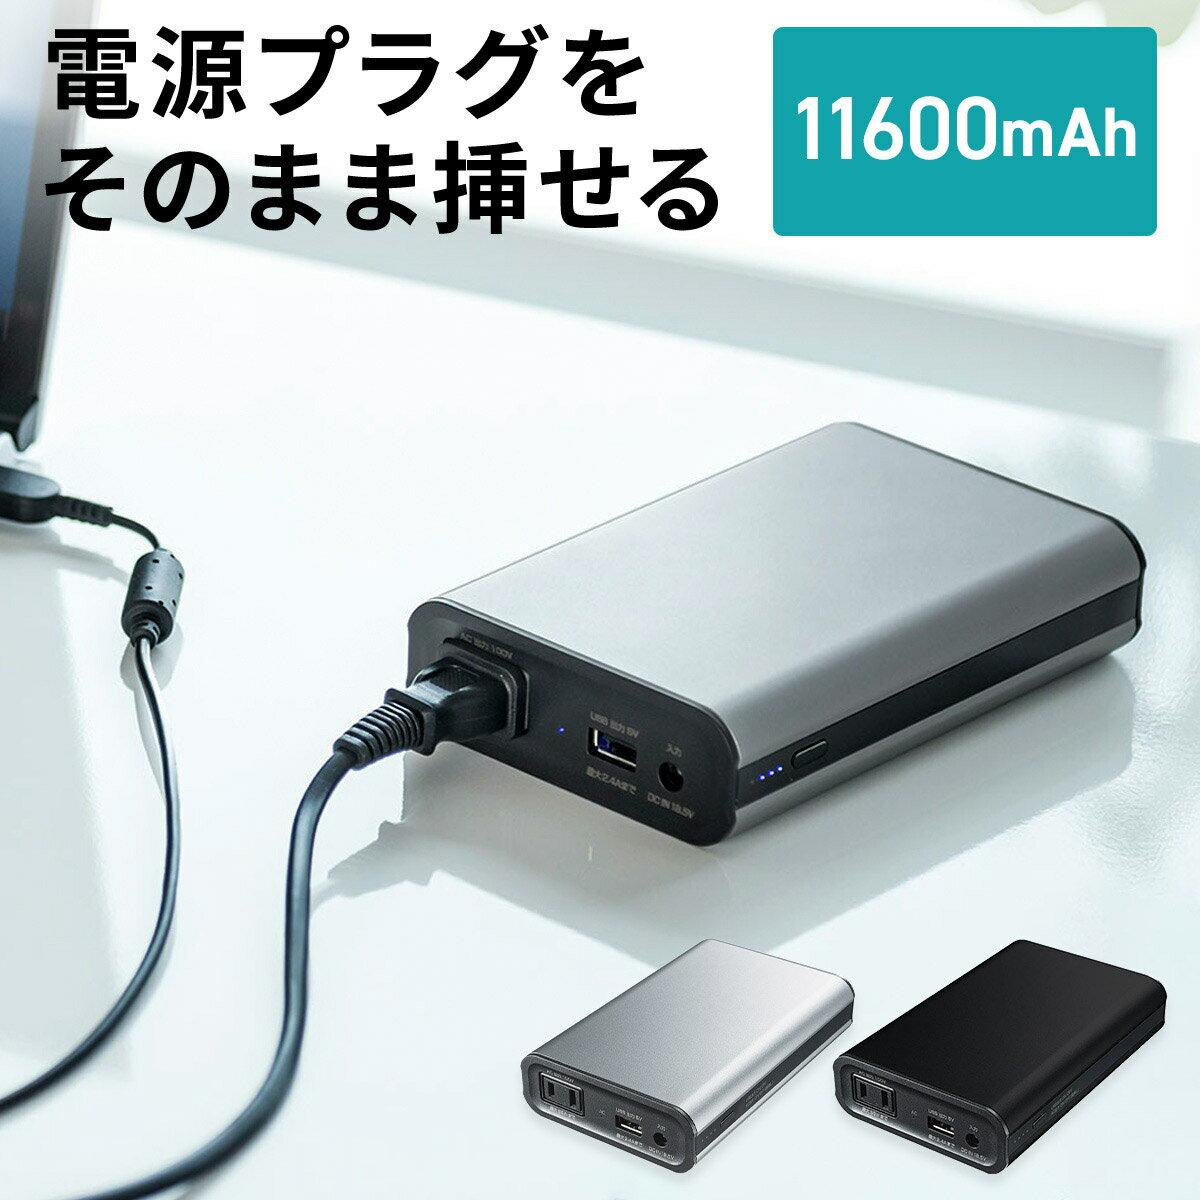 大容量モバイルバッテリー「700-BTL025」